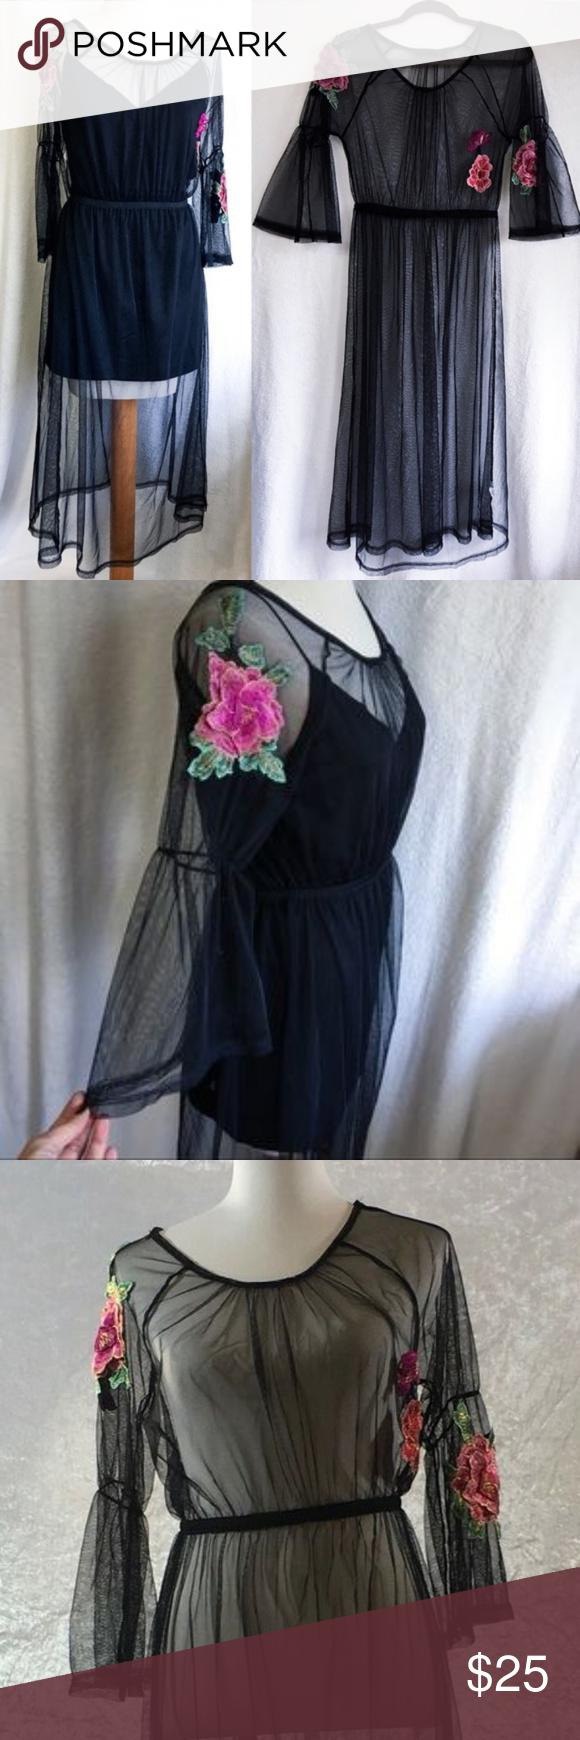 Potter S Pot Black Sheer Overlay Dress Sheer Overlay Dress Overlay Dress Black Sheer Dress [ 1740 x 580 Pixel ]